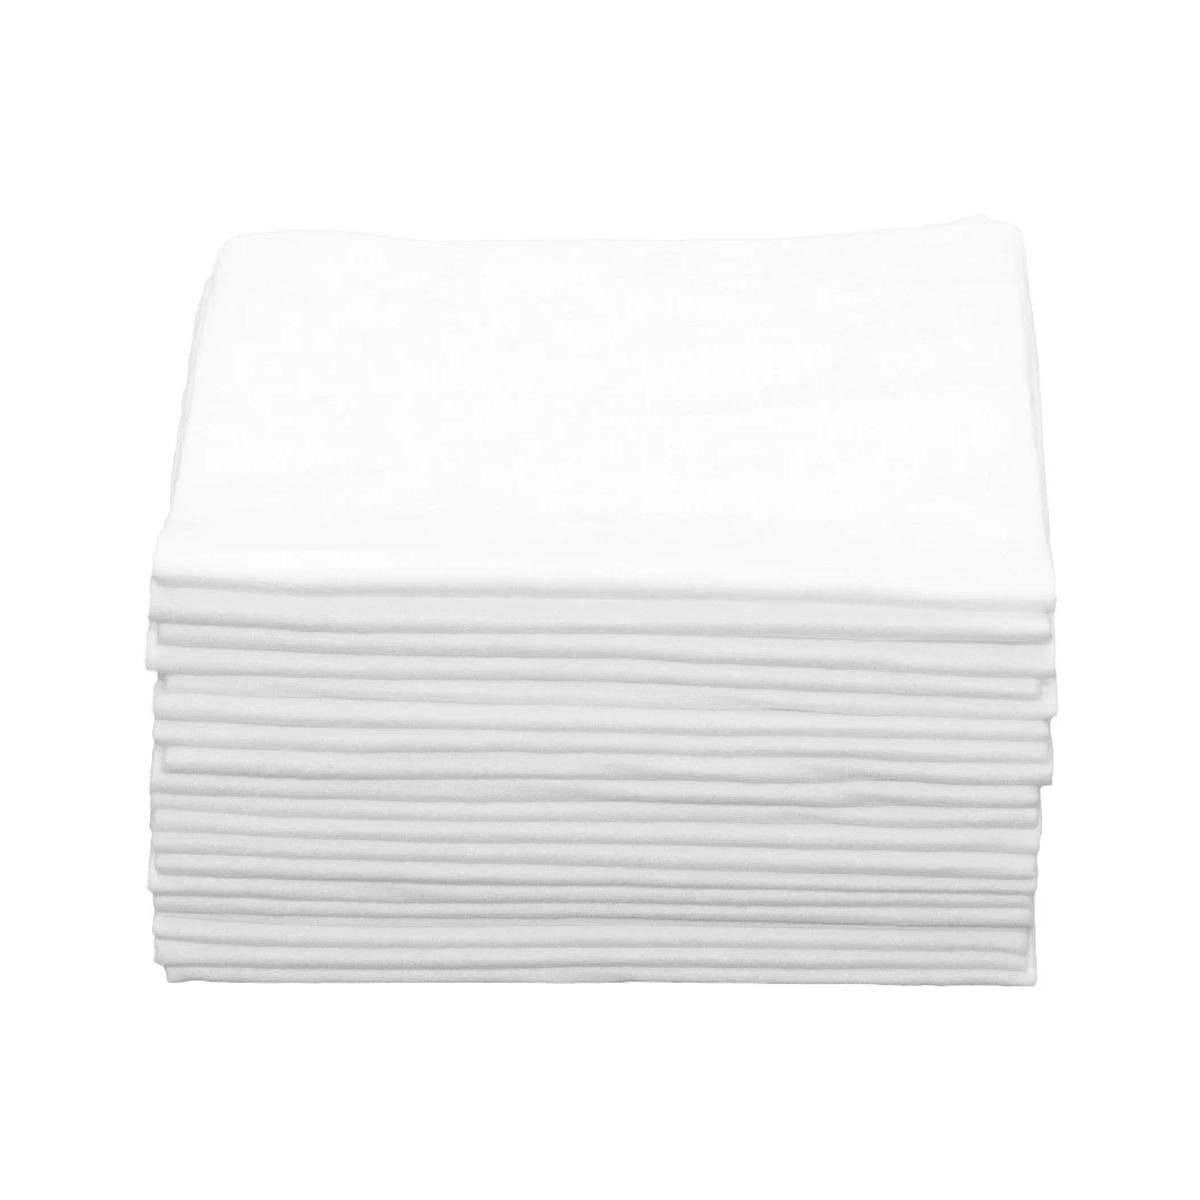 Купить Чистовье Полотенце Cotto Стандарт Плюс белый, 45 х 90 см, 1 х 100 шт (Чистовье, Универсальные расходные материалы)